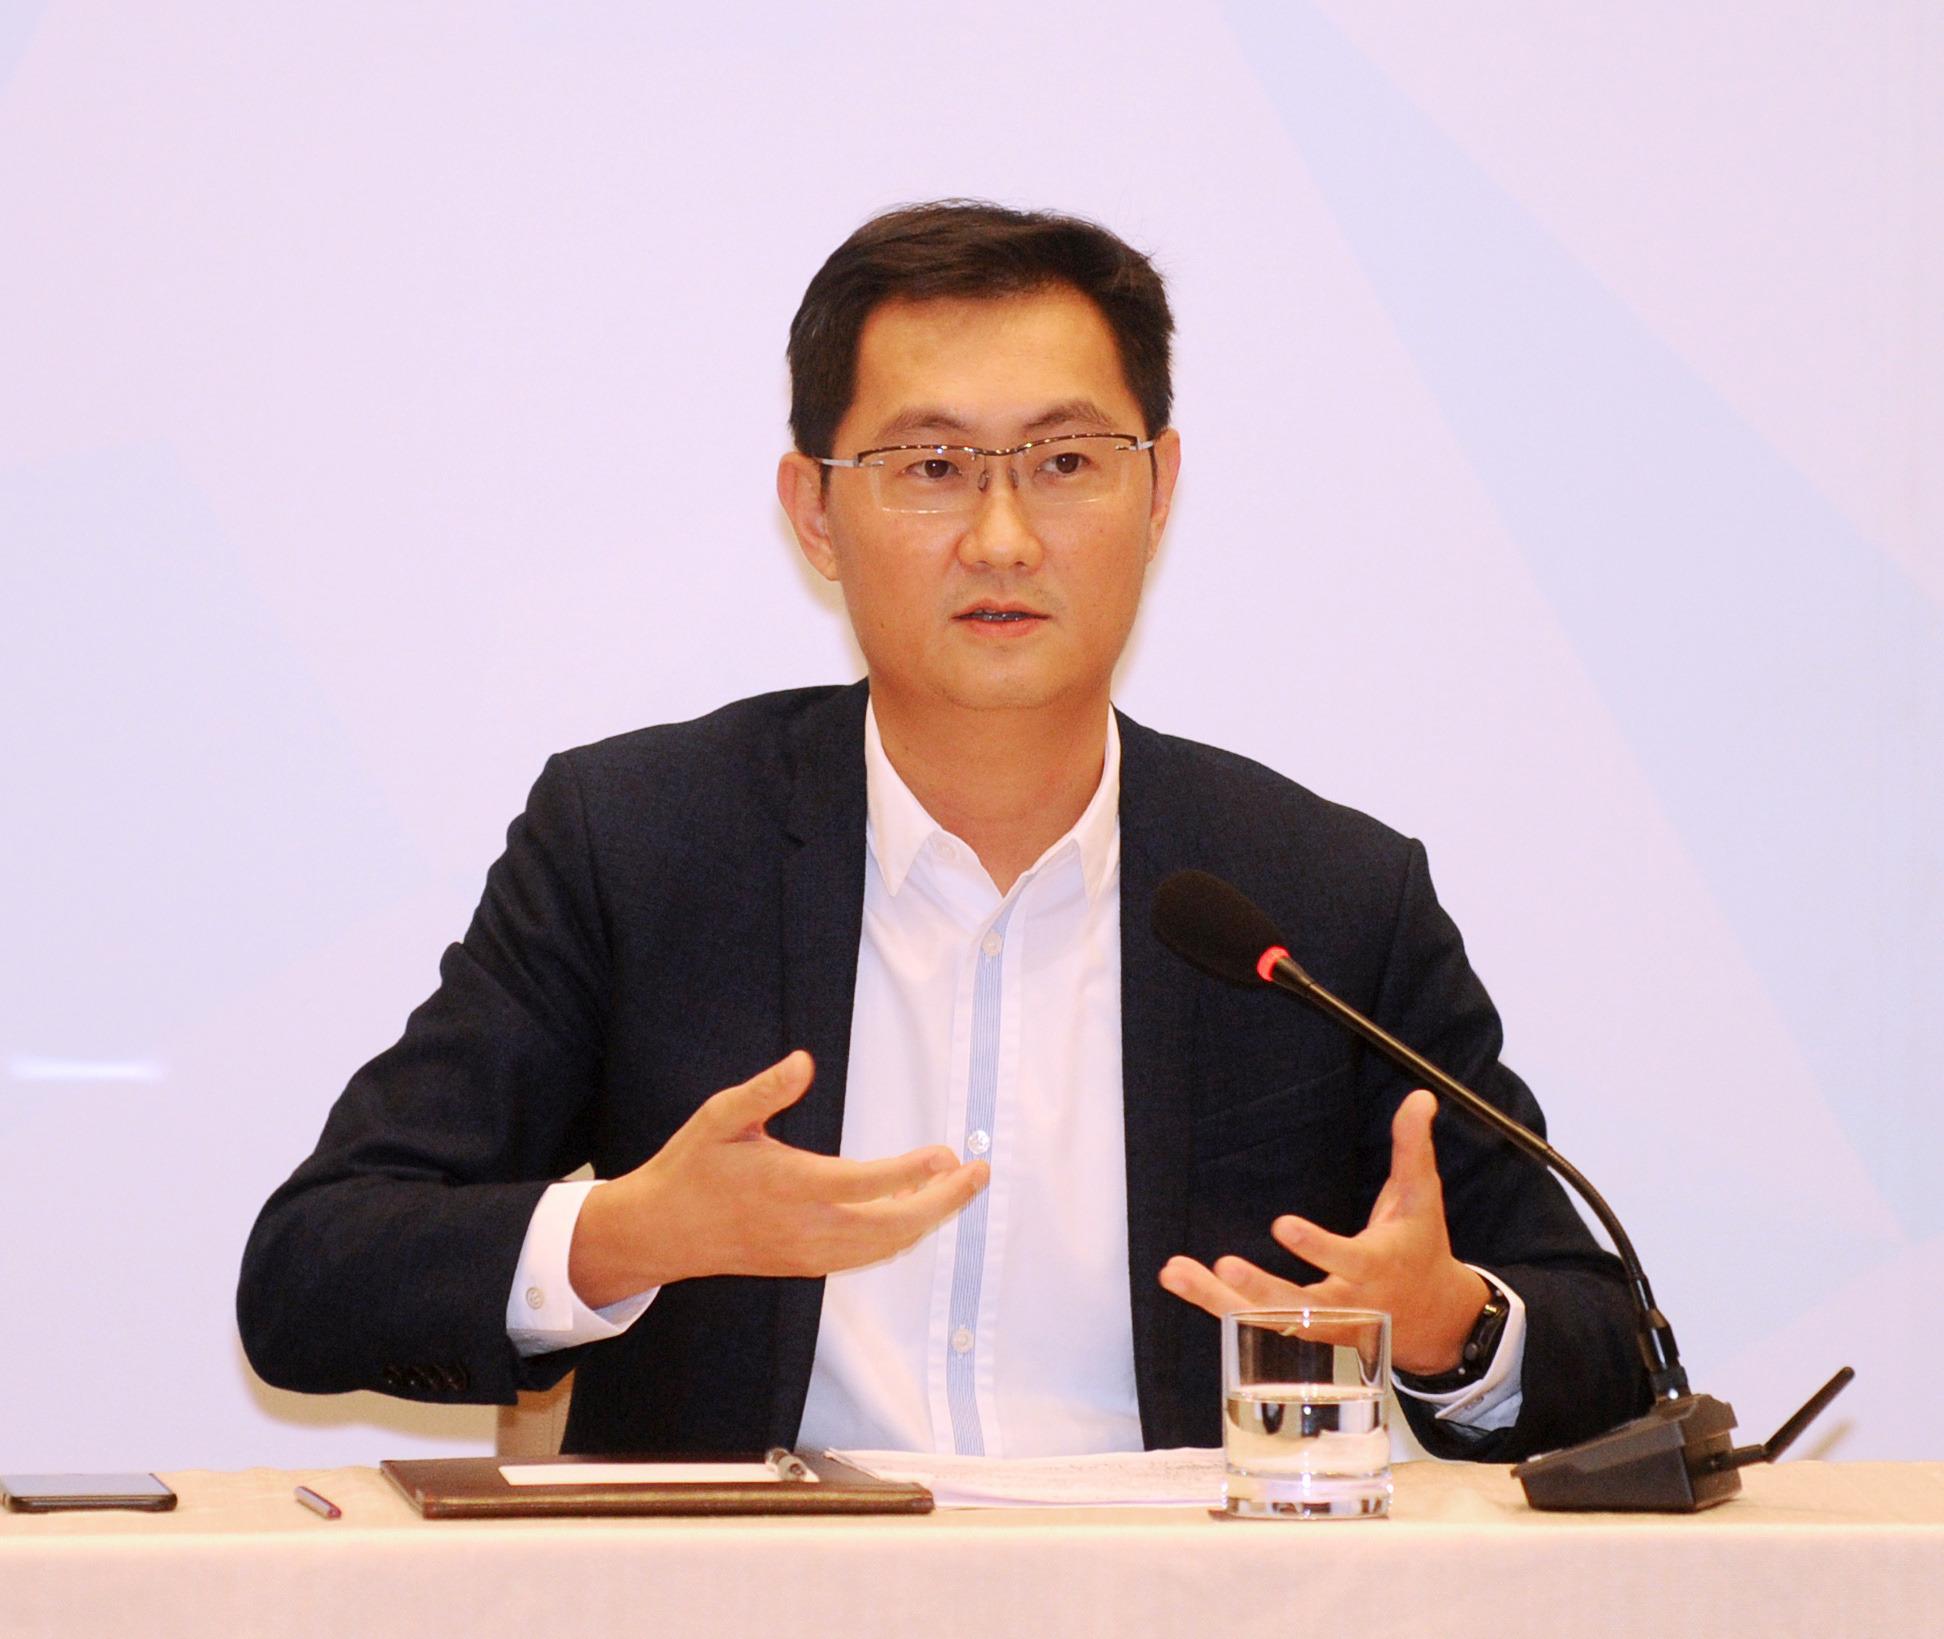 马化腾。南方日报记者 肖雄 摄